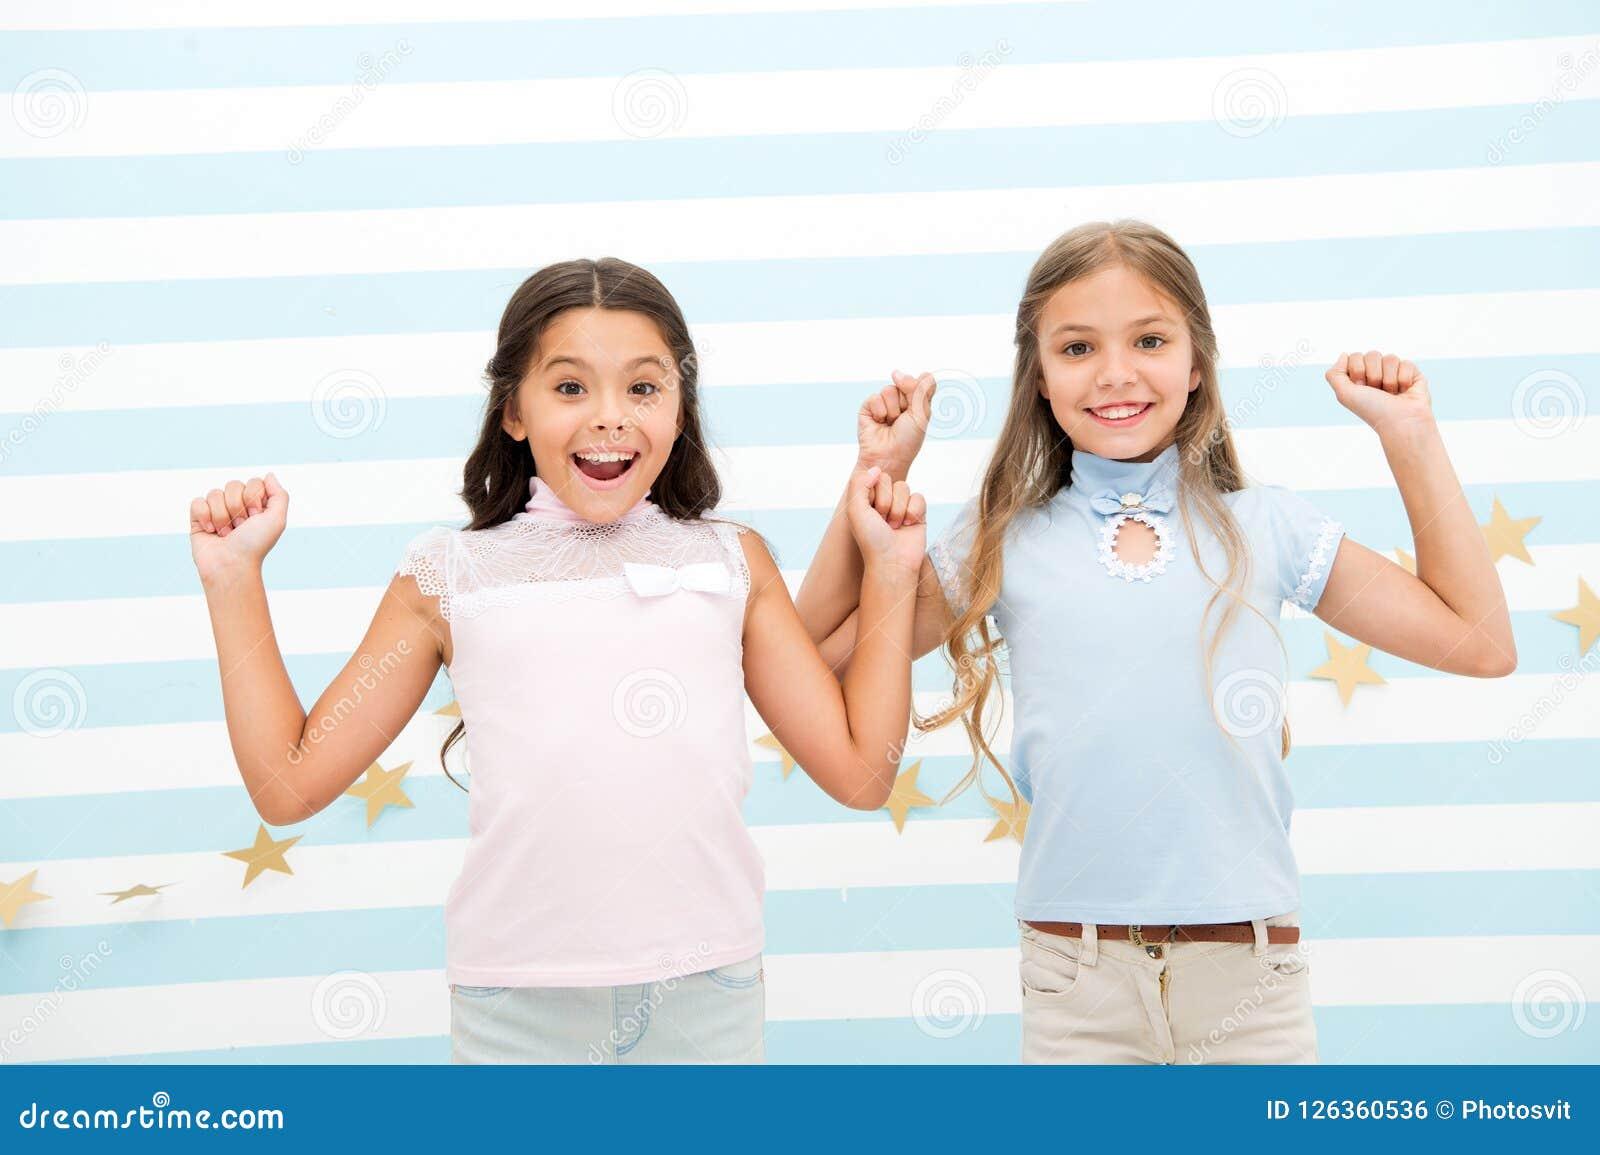 Momentos emocionados junto Embroma a los preadolescentes de las colegialas felices juntos Soporte emocionado caras felices sonrie